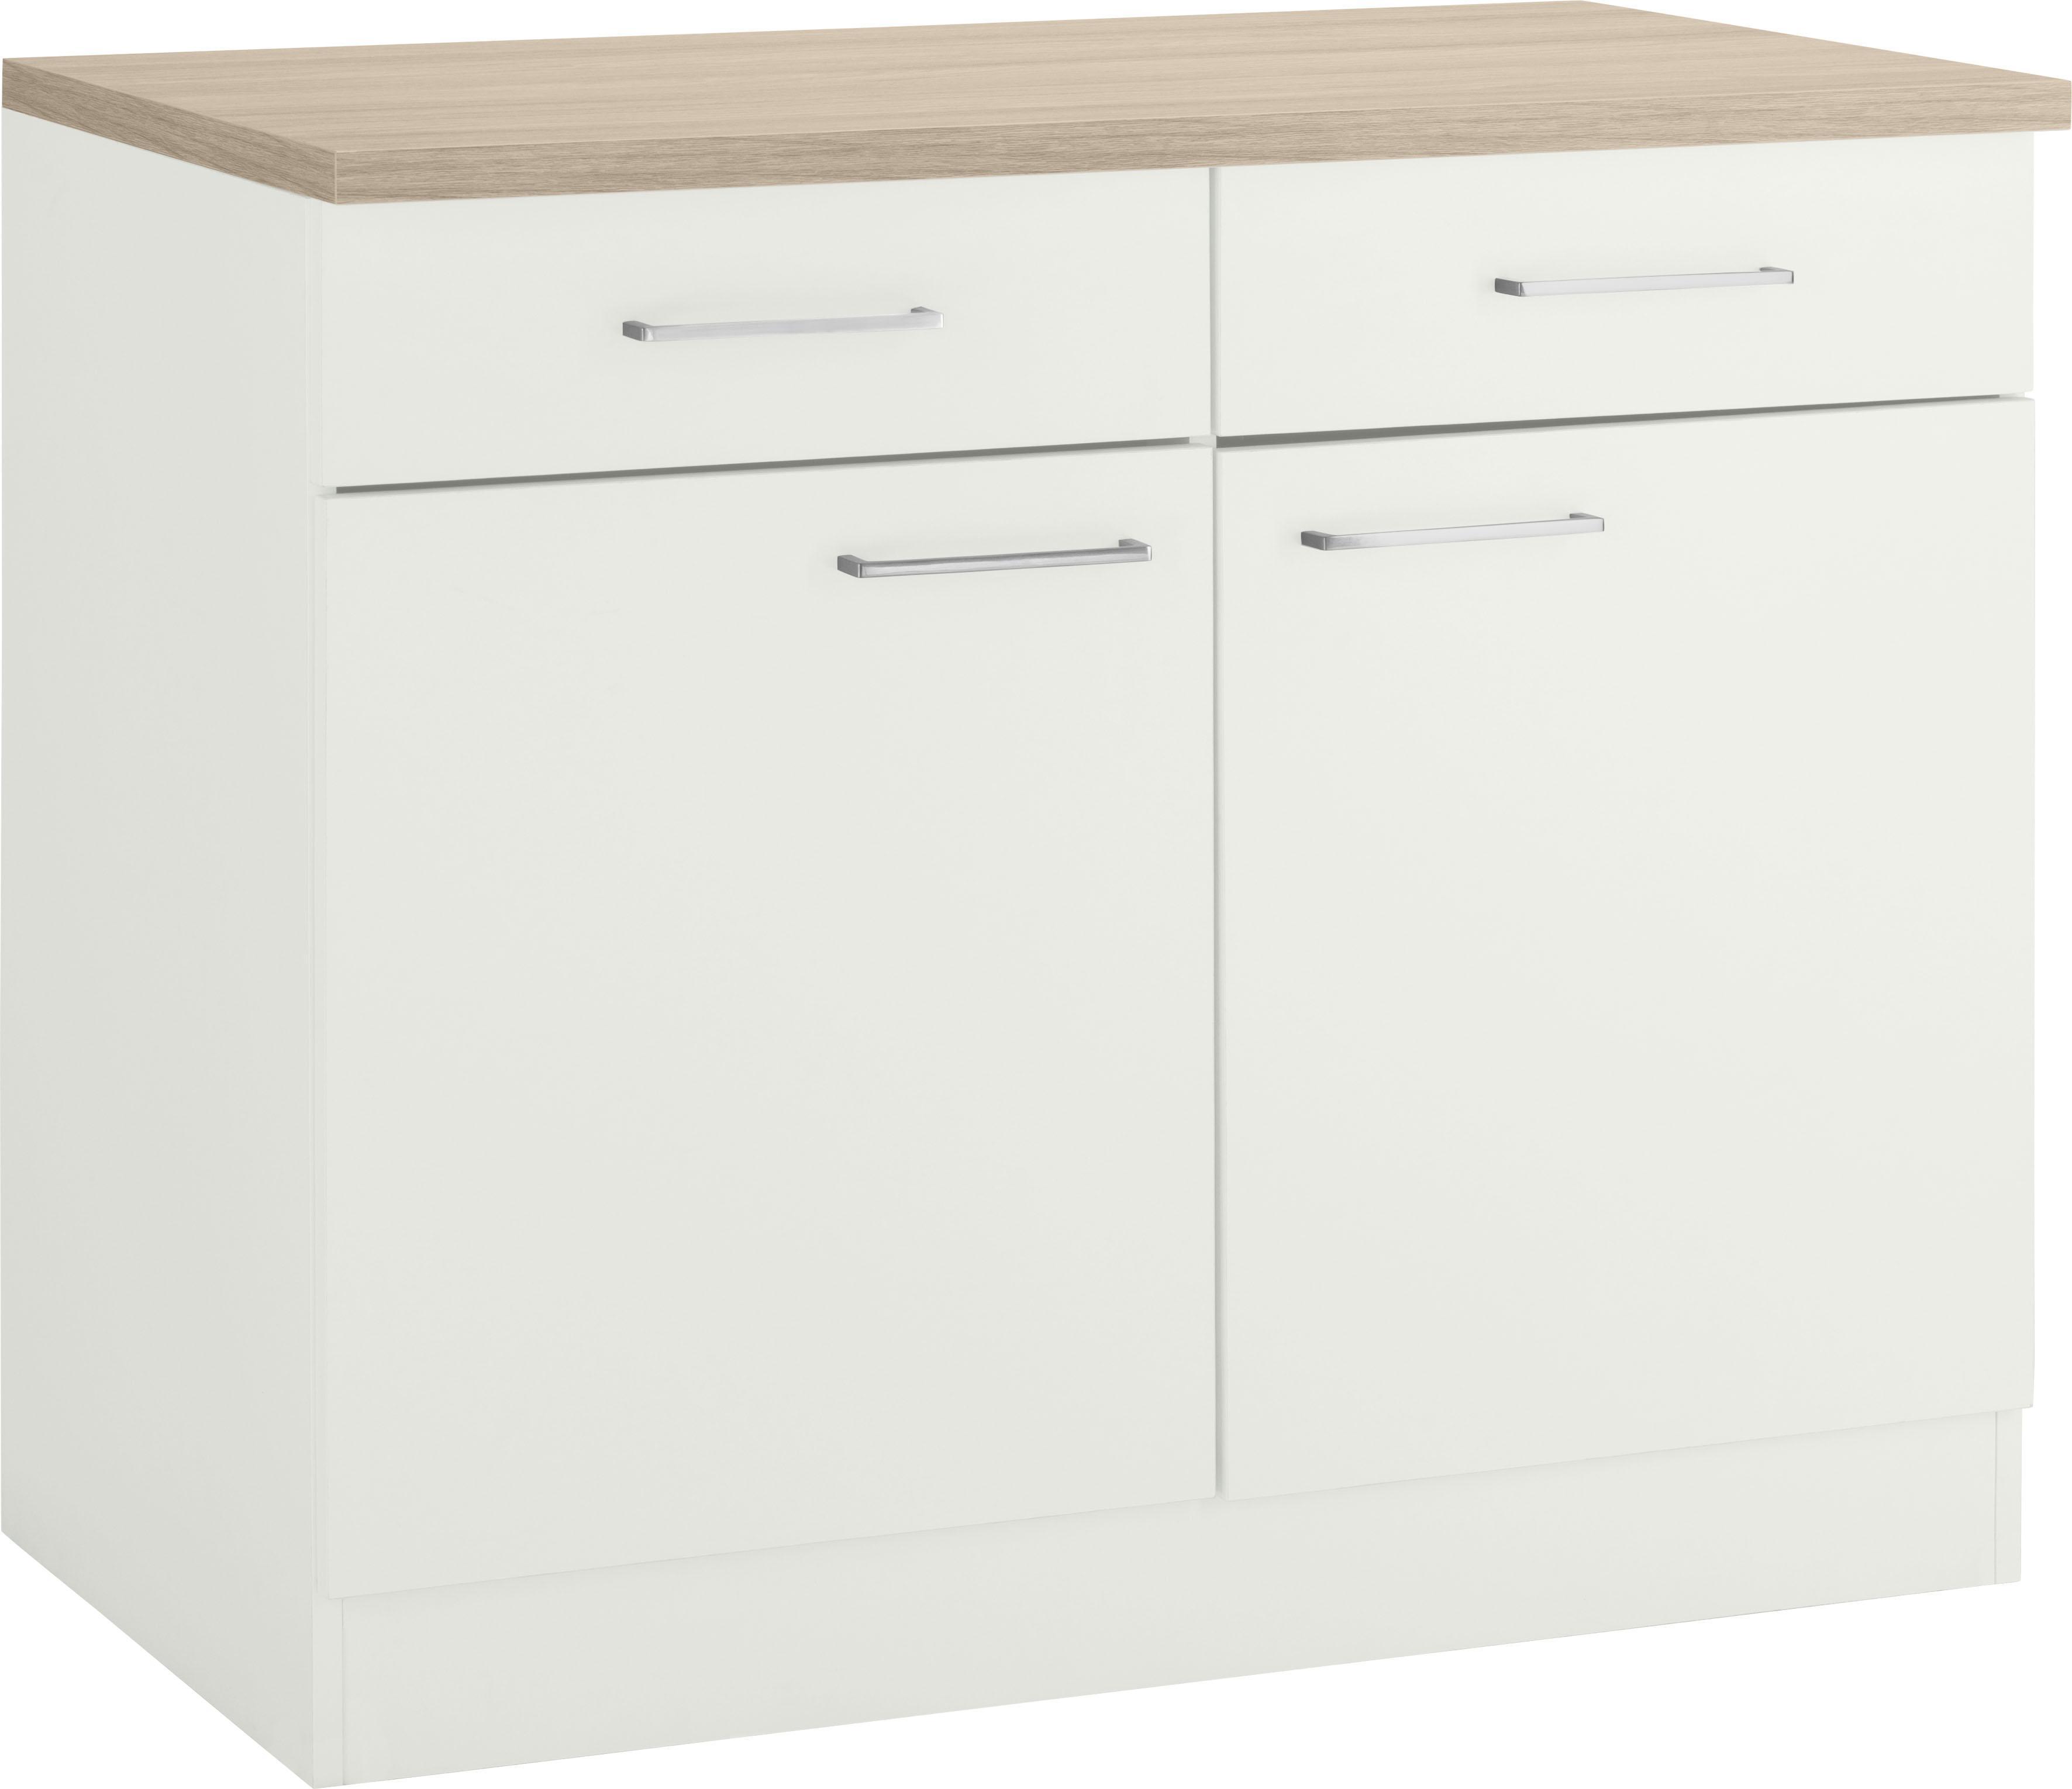 WIHO Küchen Unterschrank »Zell«, Breite 100 cm kaufen | BAUR